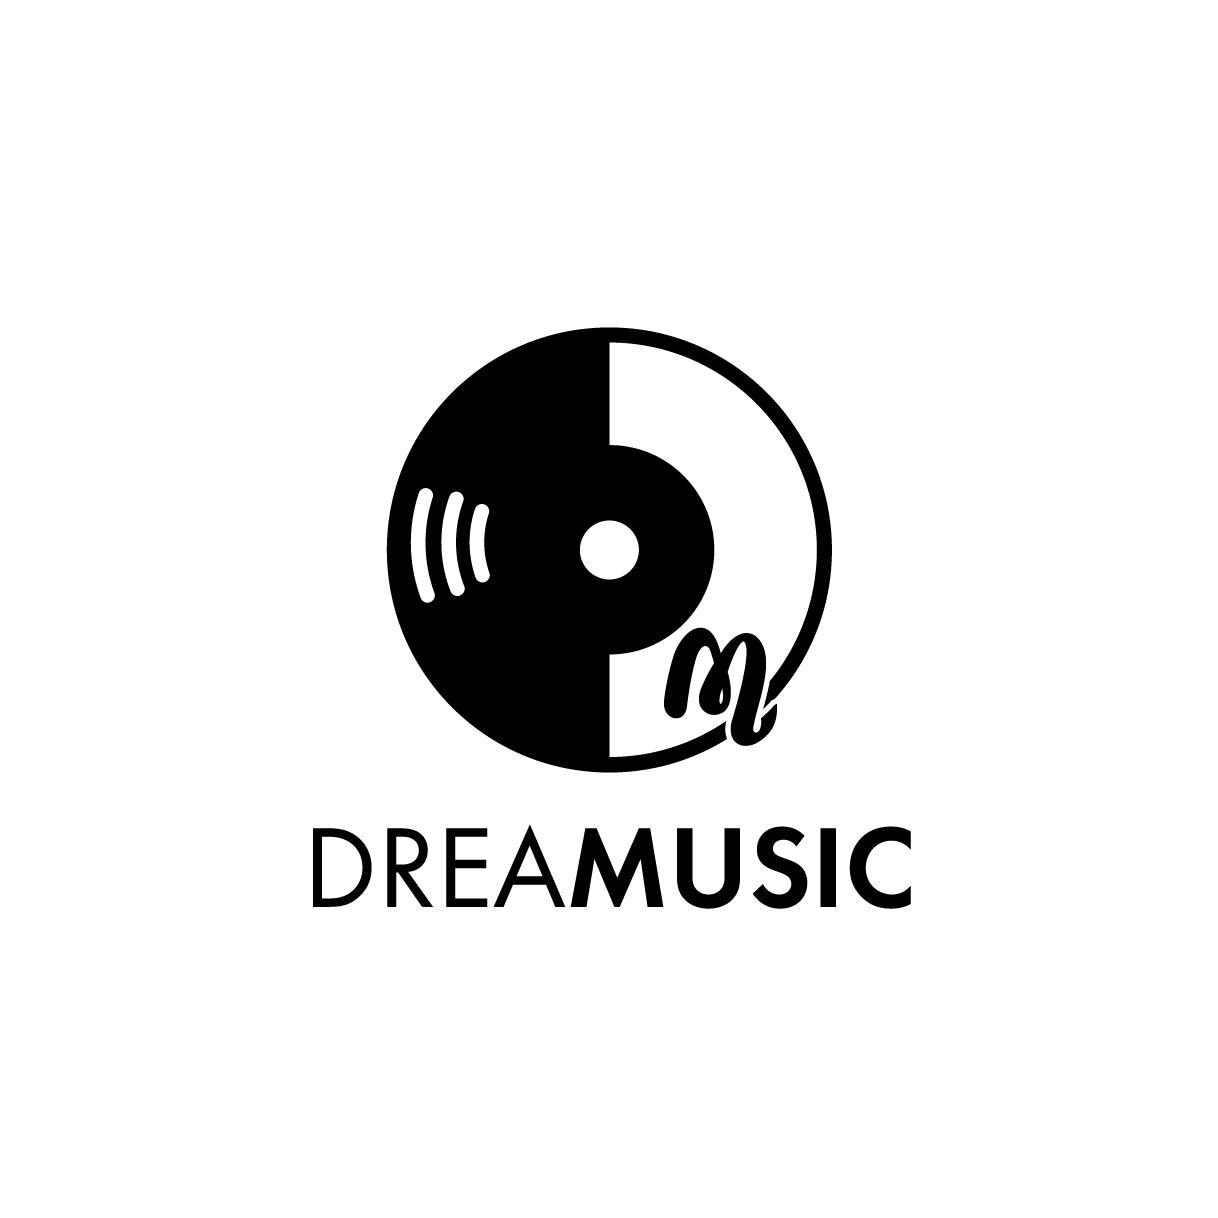 レコード会社「ドリーミュージック」のロゴ